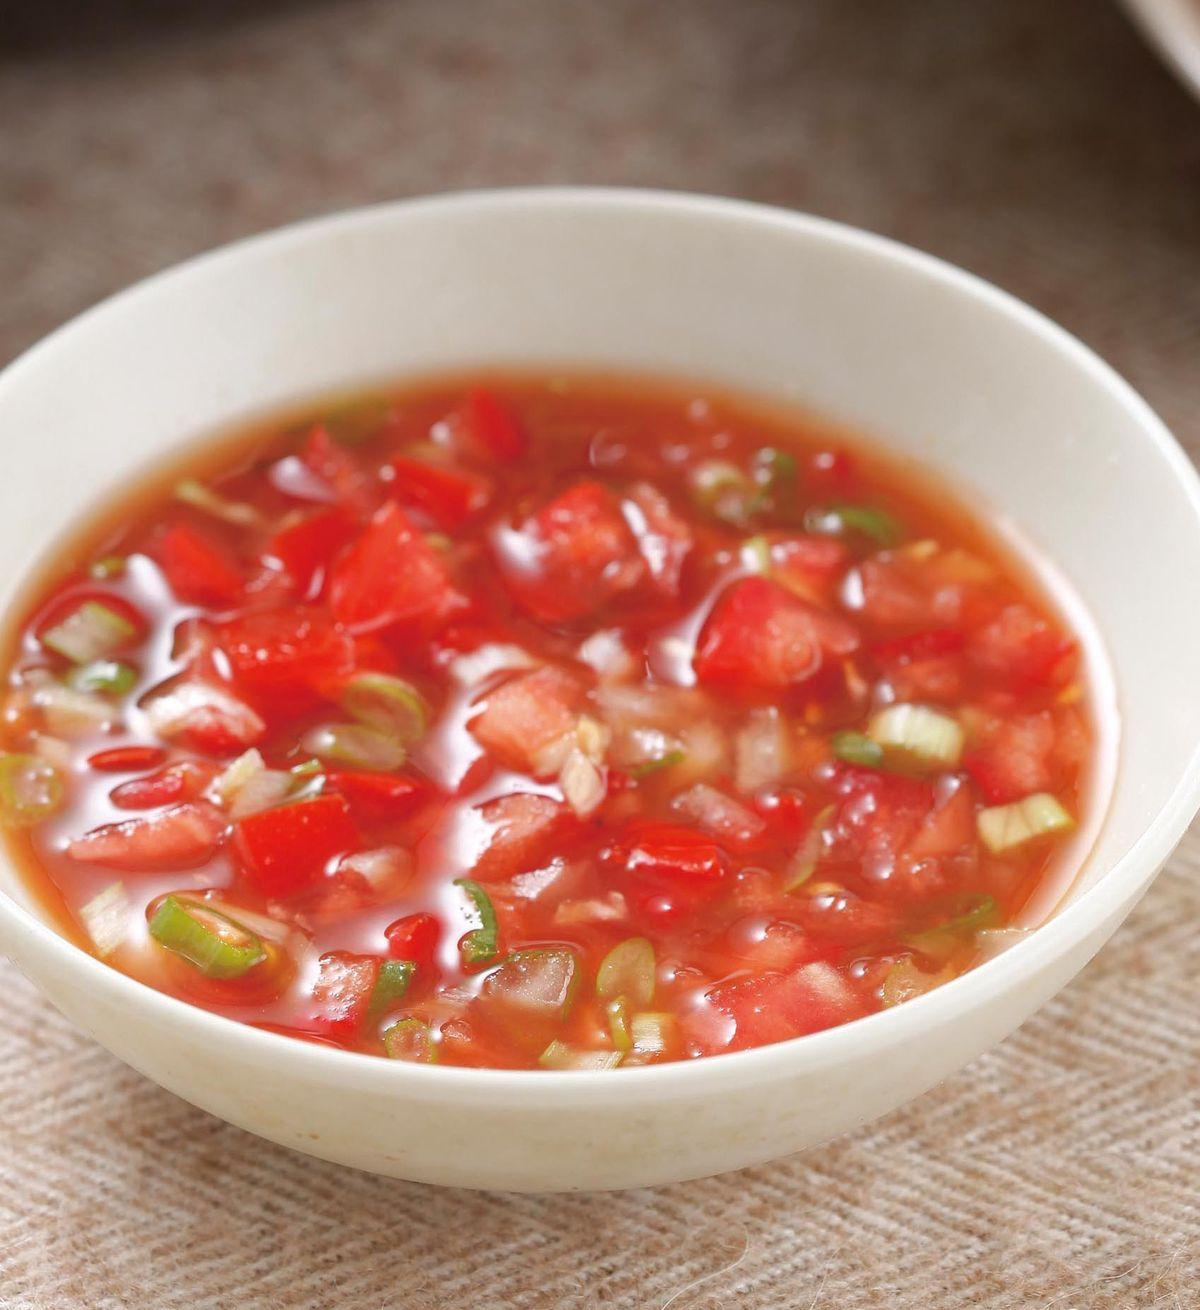 食譜:鮮番茄醬